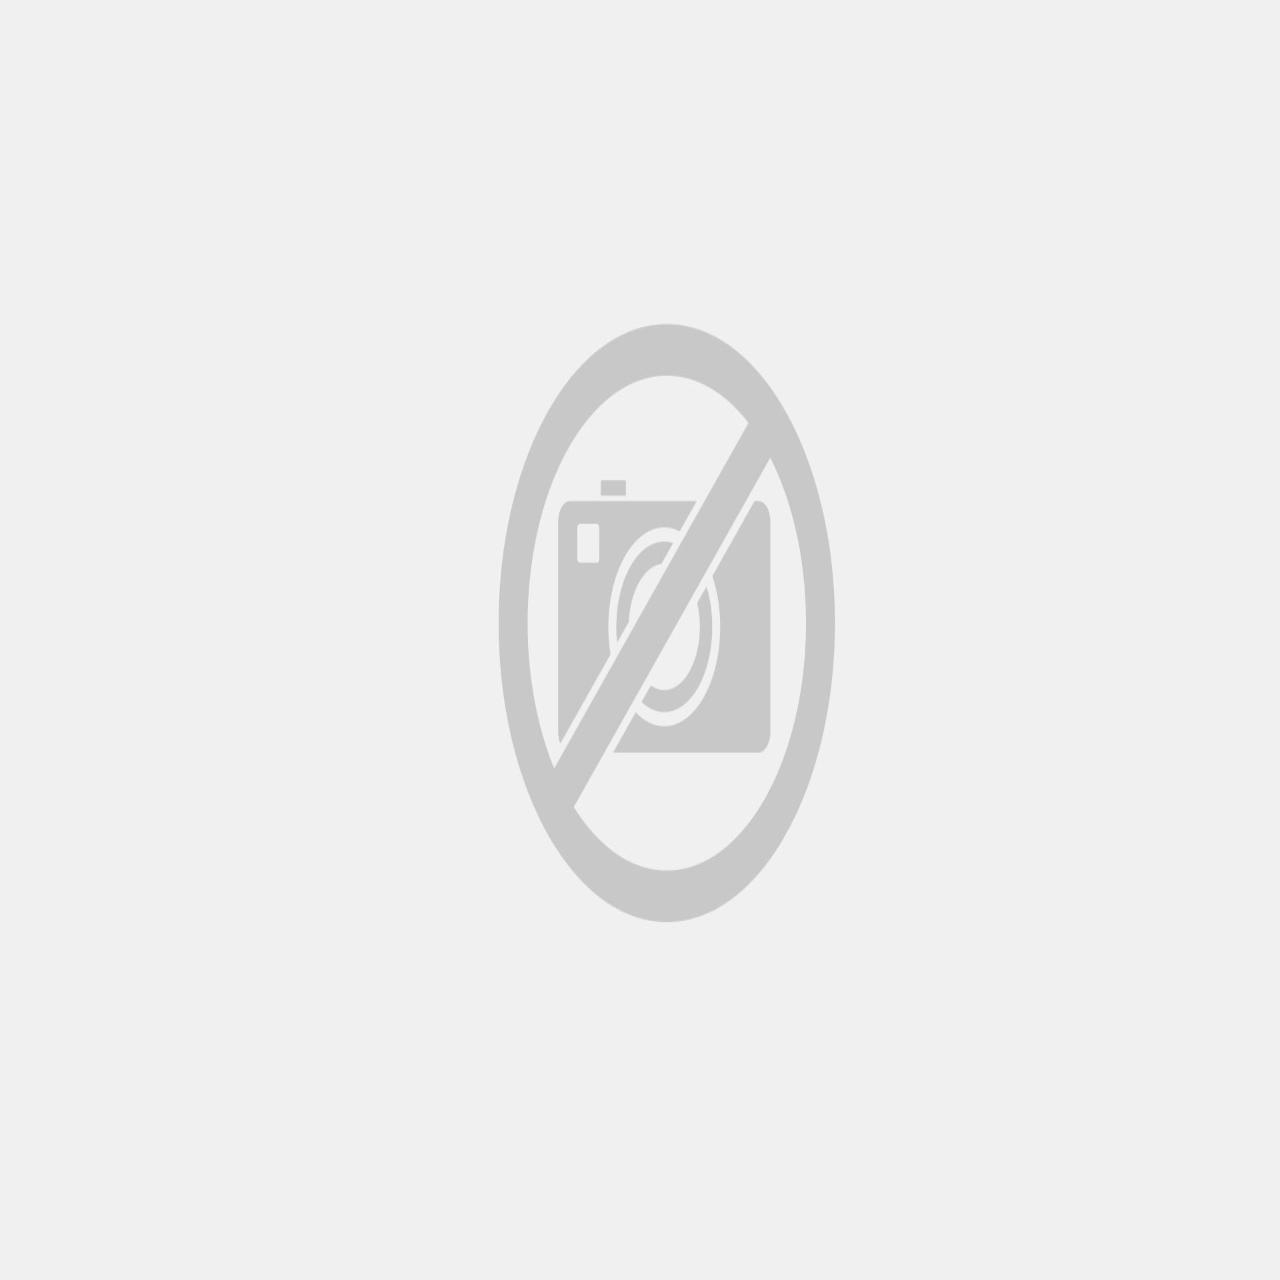 Hotel Moulin Bleu de Vézère France at HRS with free services